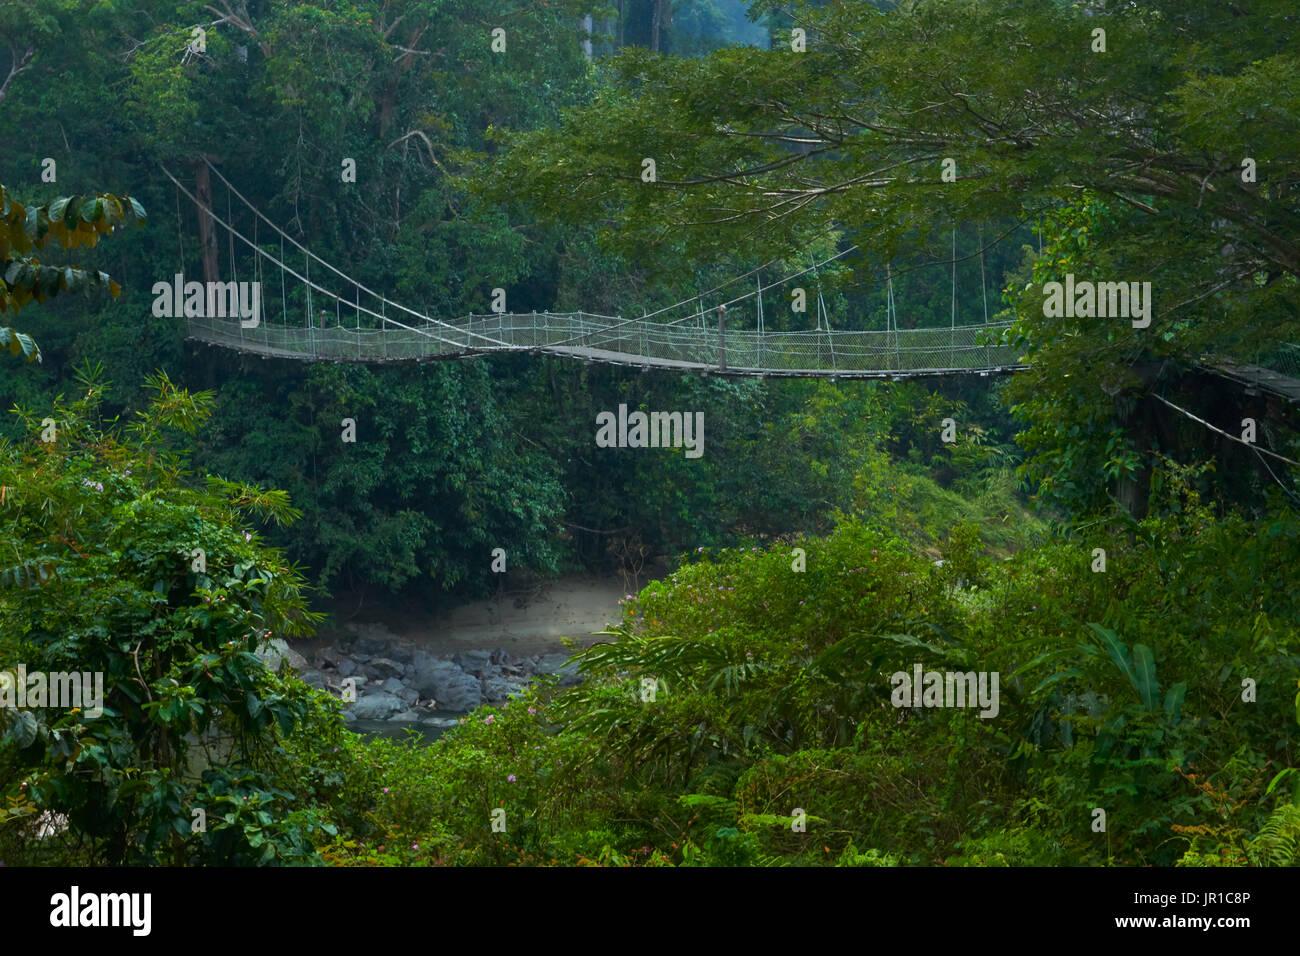 malaisie stock photos u0026 malaisie stock images alamy